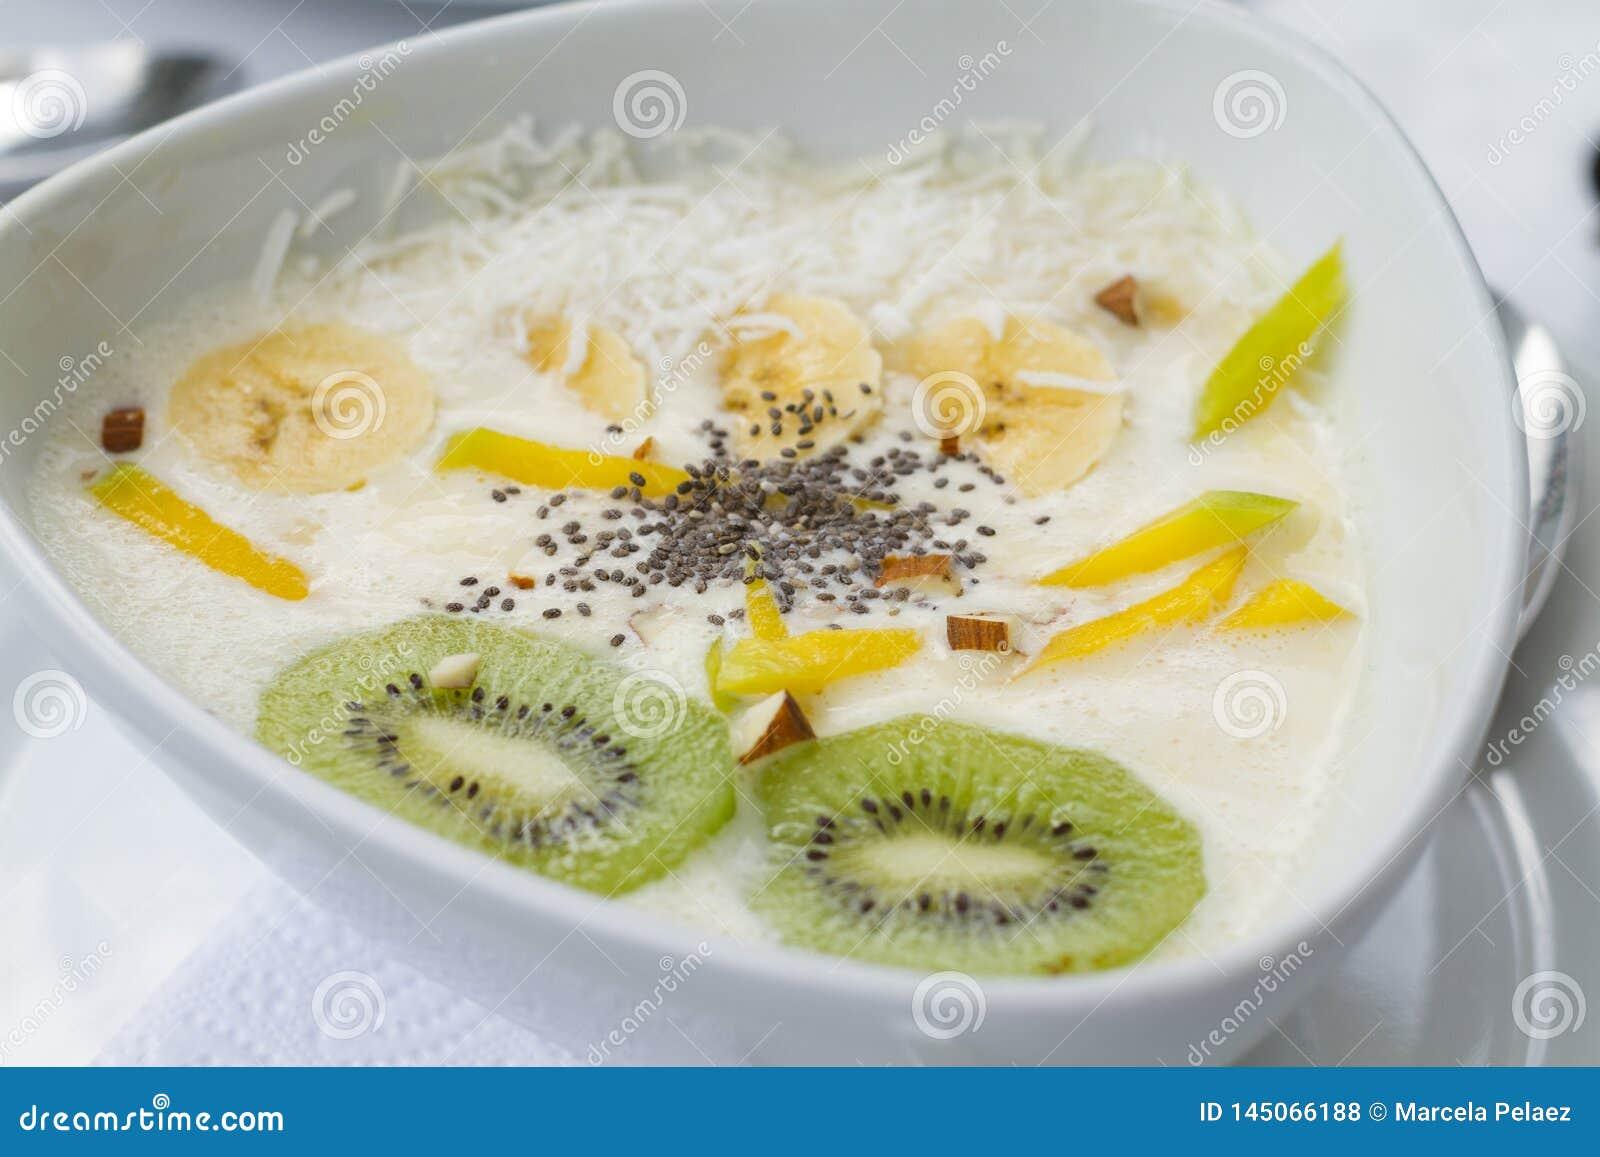 Yoghurt met de kiwi van mangochia in witte ceramische schotel met witte tafelkleden